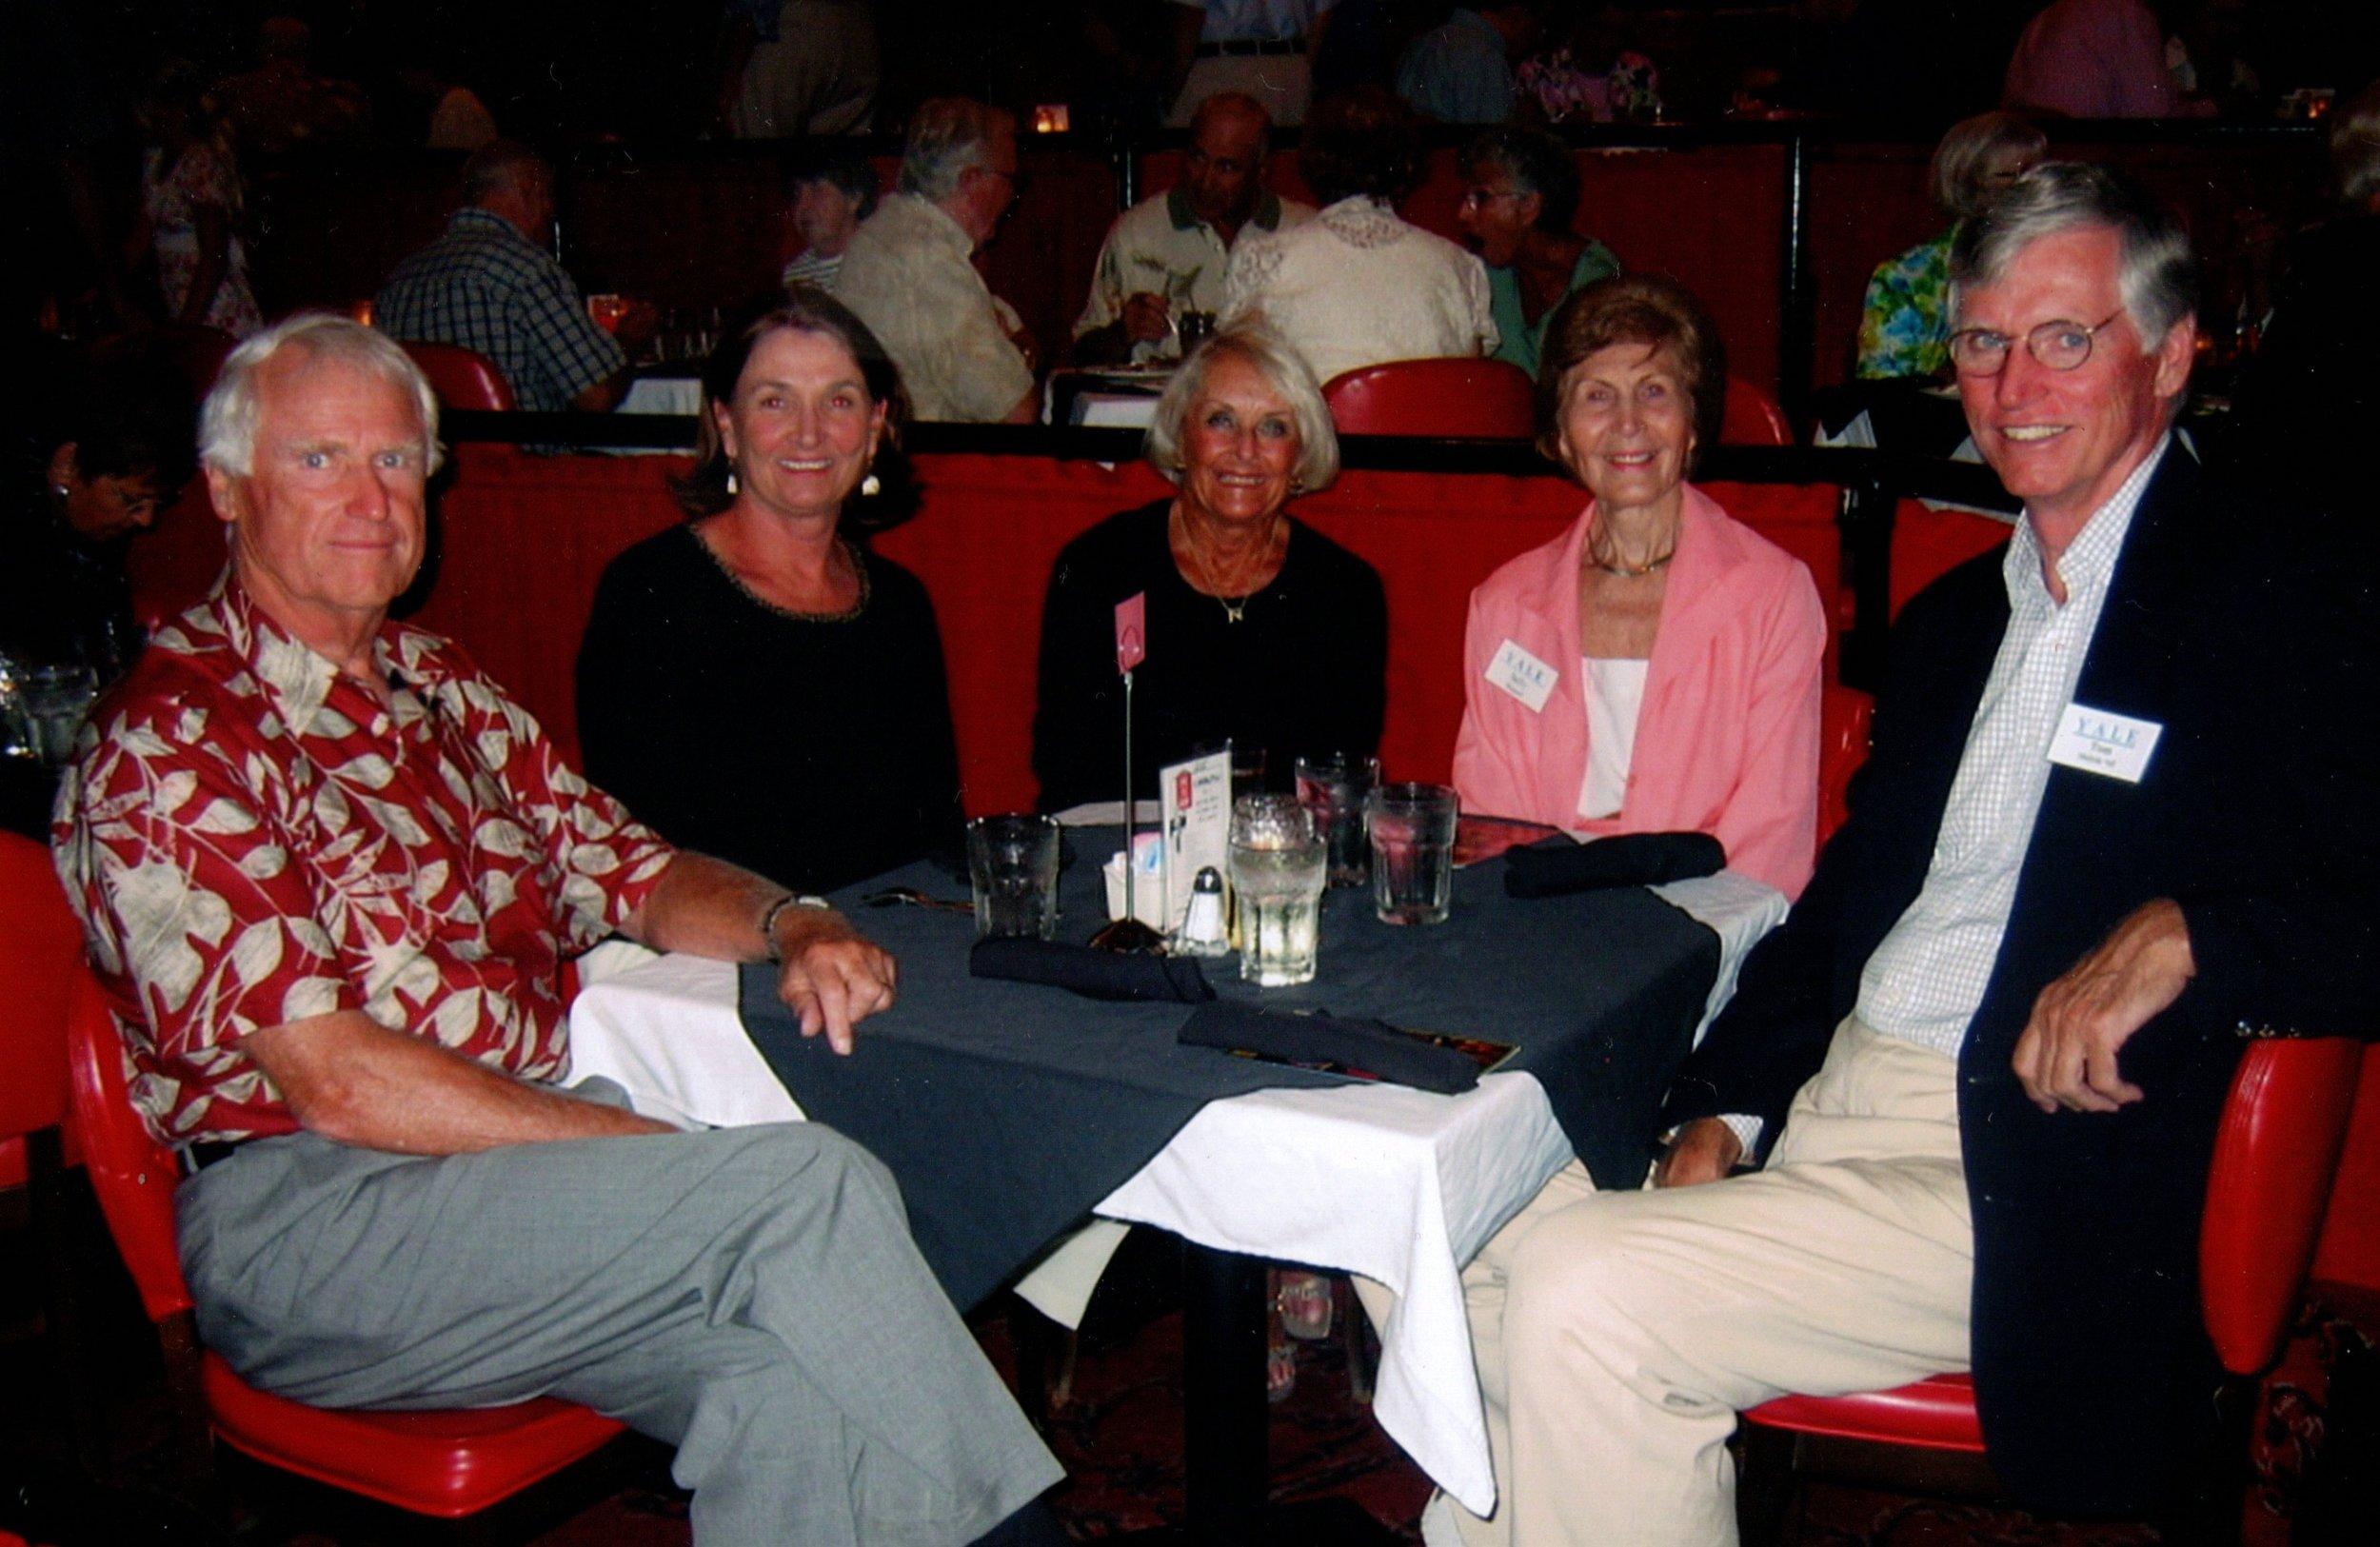 4_5_2007 - NAPLES DINNER THEATER 1.jpg